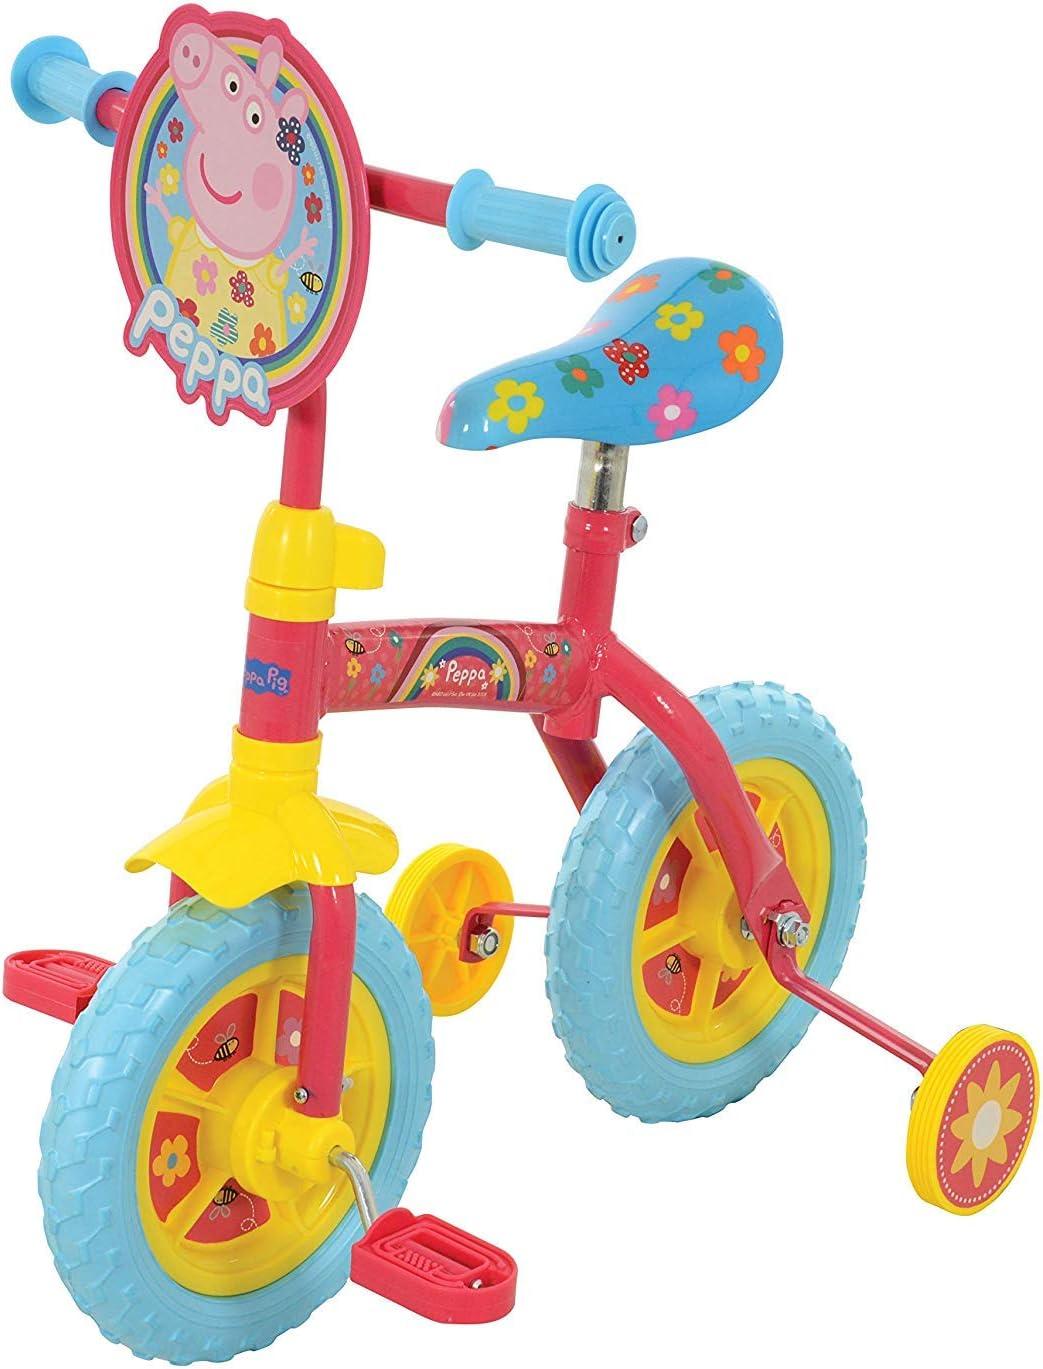 Peppa Pig - Bicicleta (M04829-01): Amazon.es: Juguetes y juegos